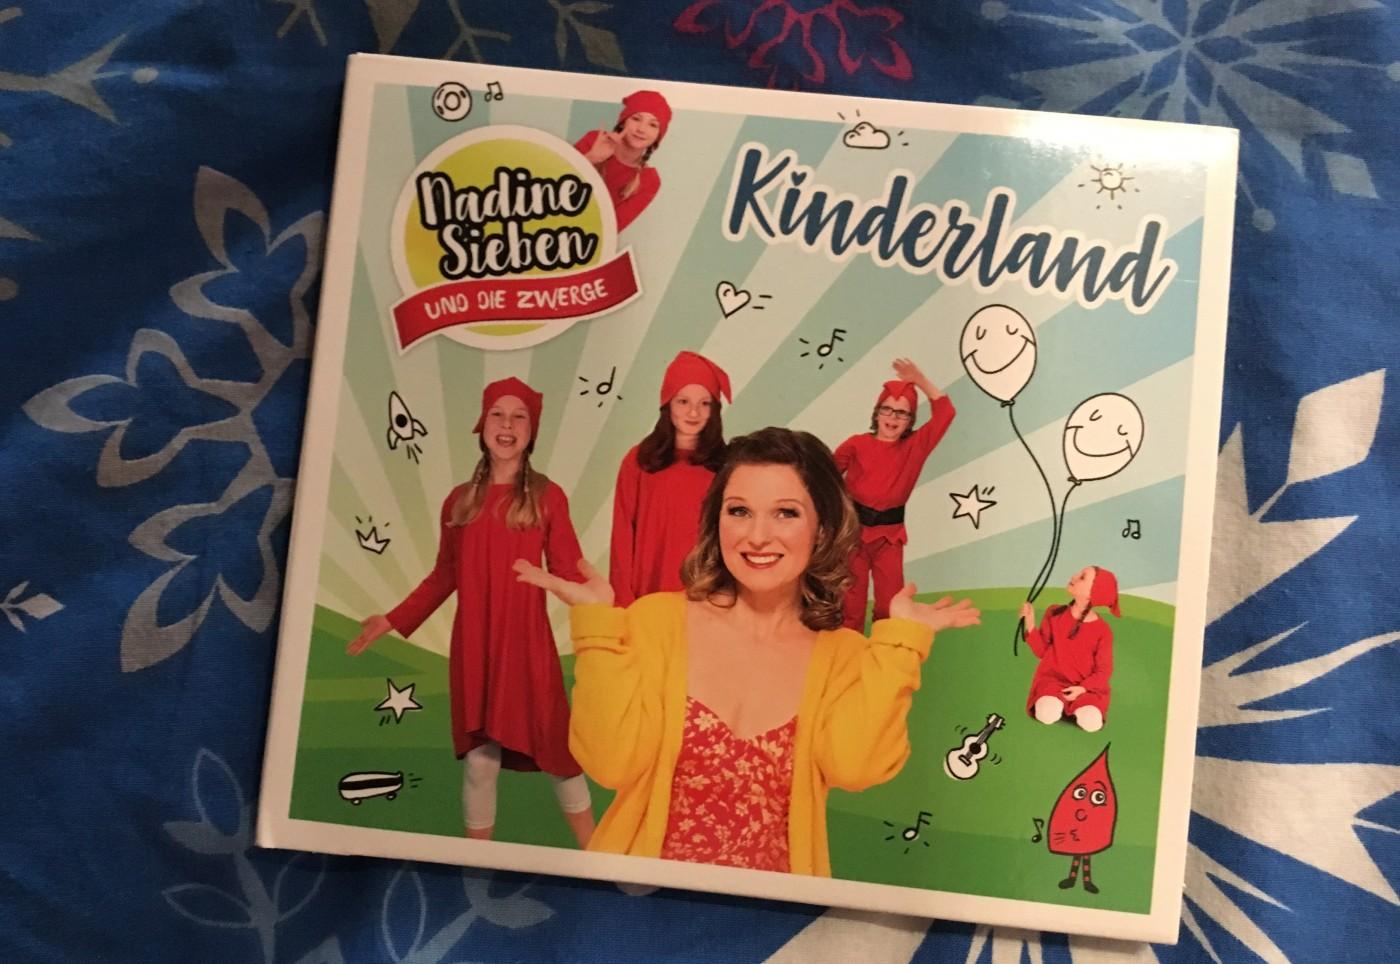 Kinderland CD von Nadine Sieben